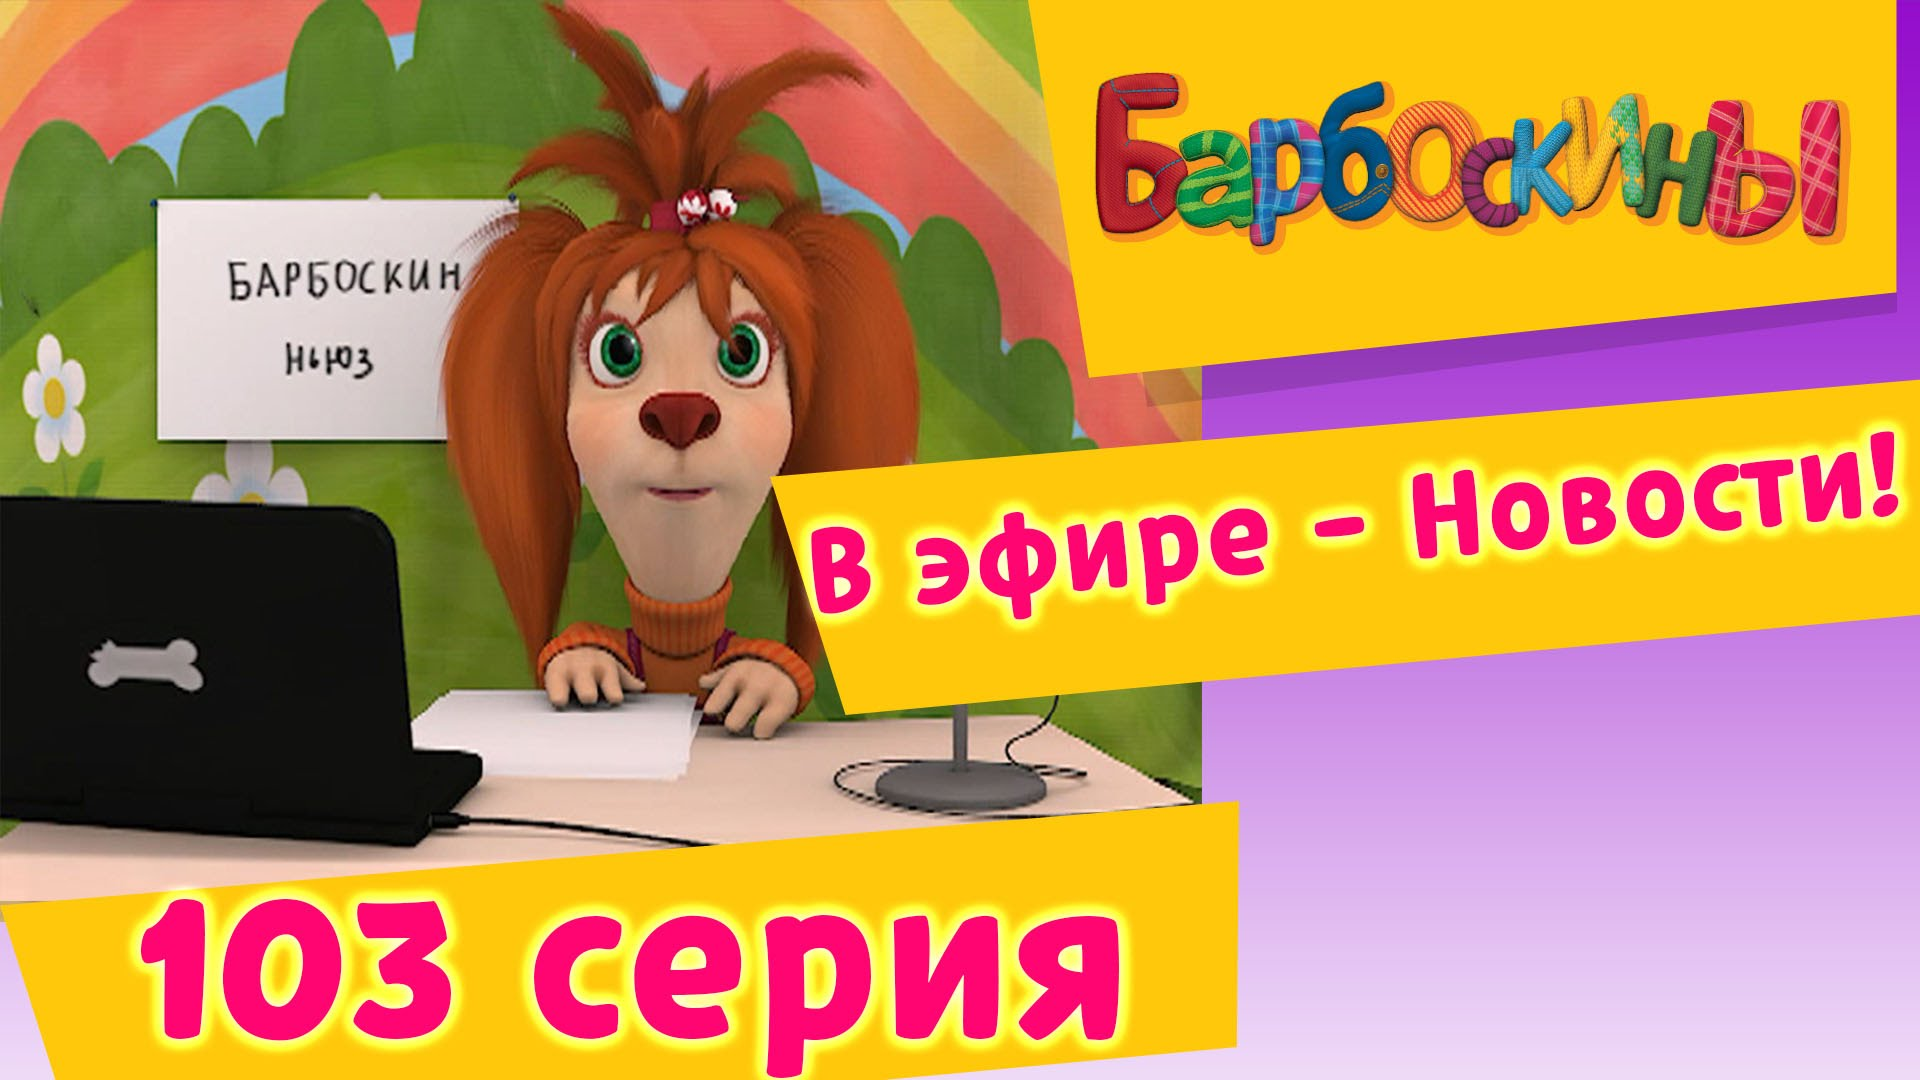 Барбоскины — 103 серия. В эфире — Новости!